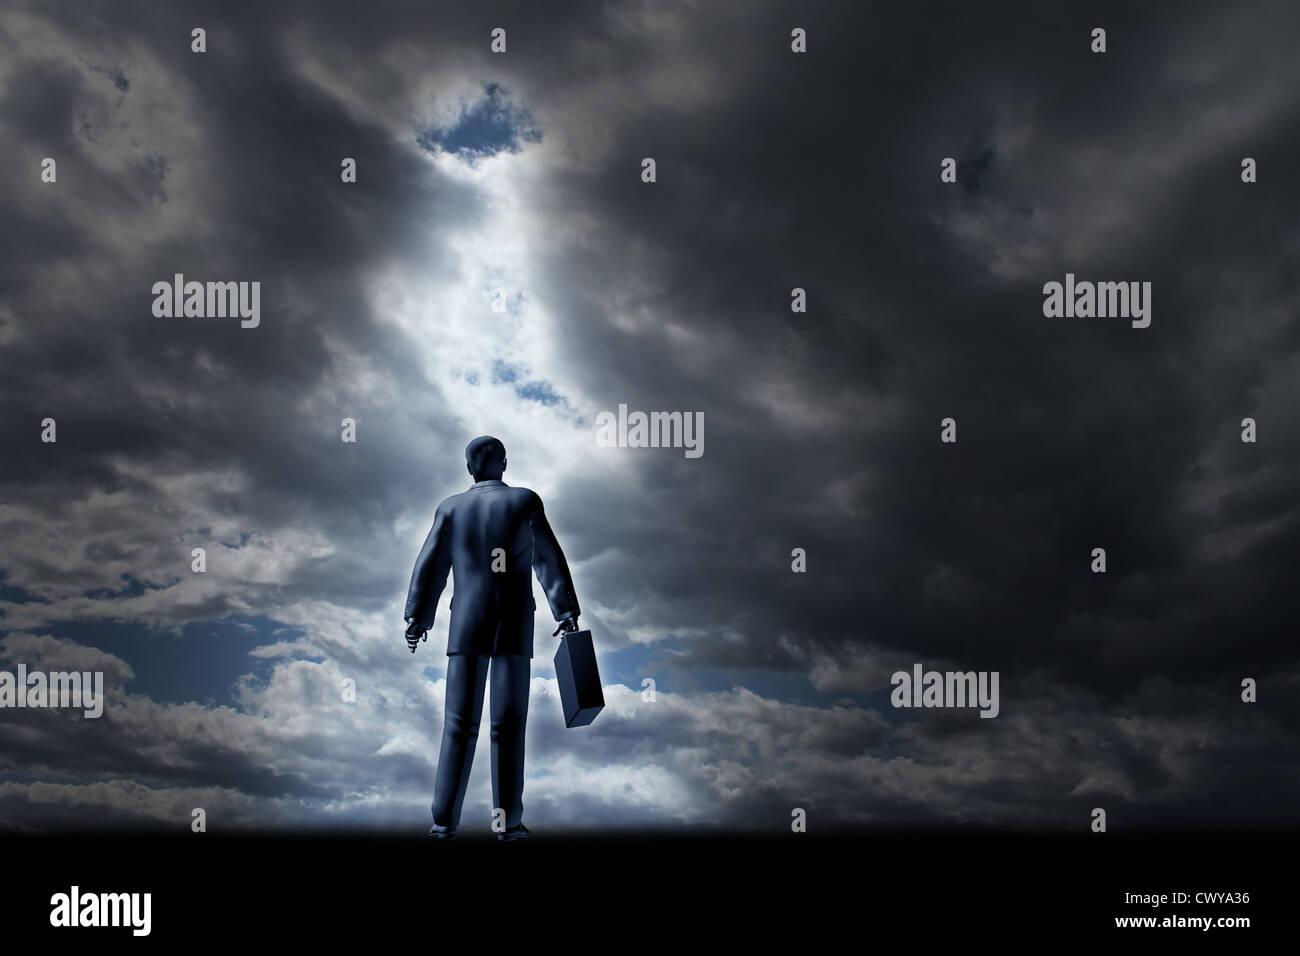 Concepto financiero de gestión empresarial con un hombre en un traje y maletín en el inicio de un largo Imagen De Stock